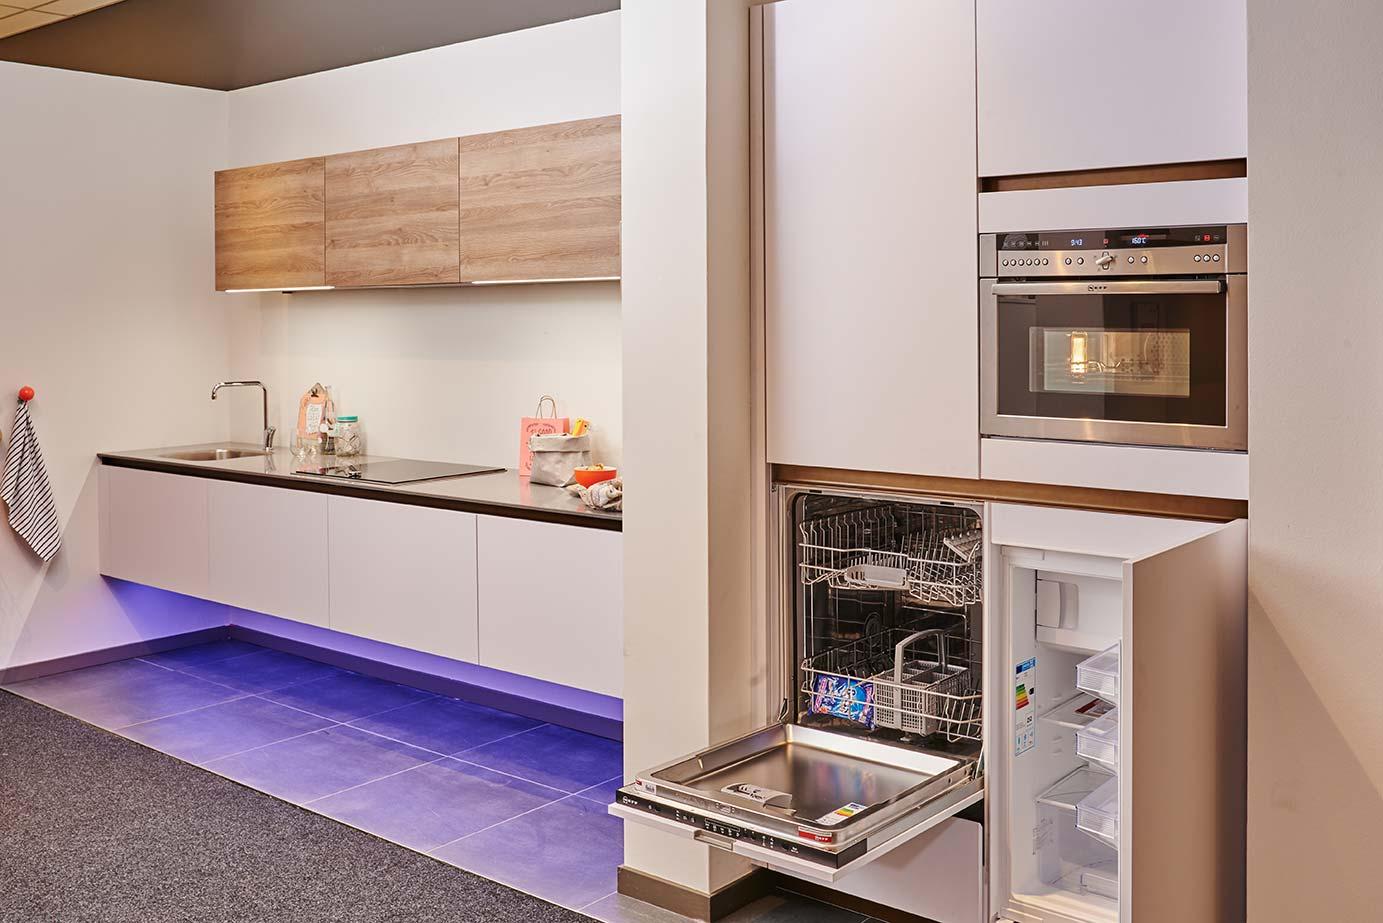 Keuken Uitbouwen Kosten : Keuken ontwerpen. Maak kennis met slimme techniek! – Keur